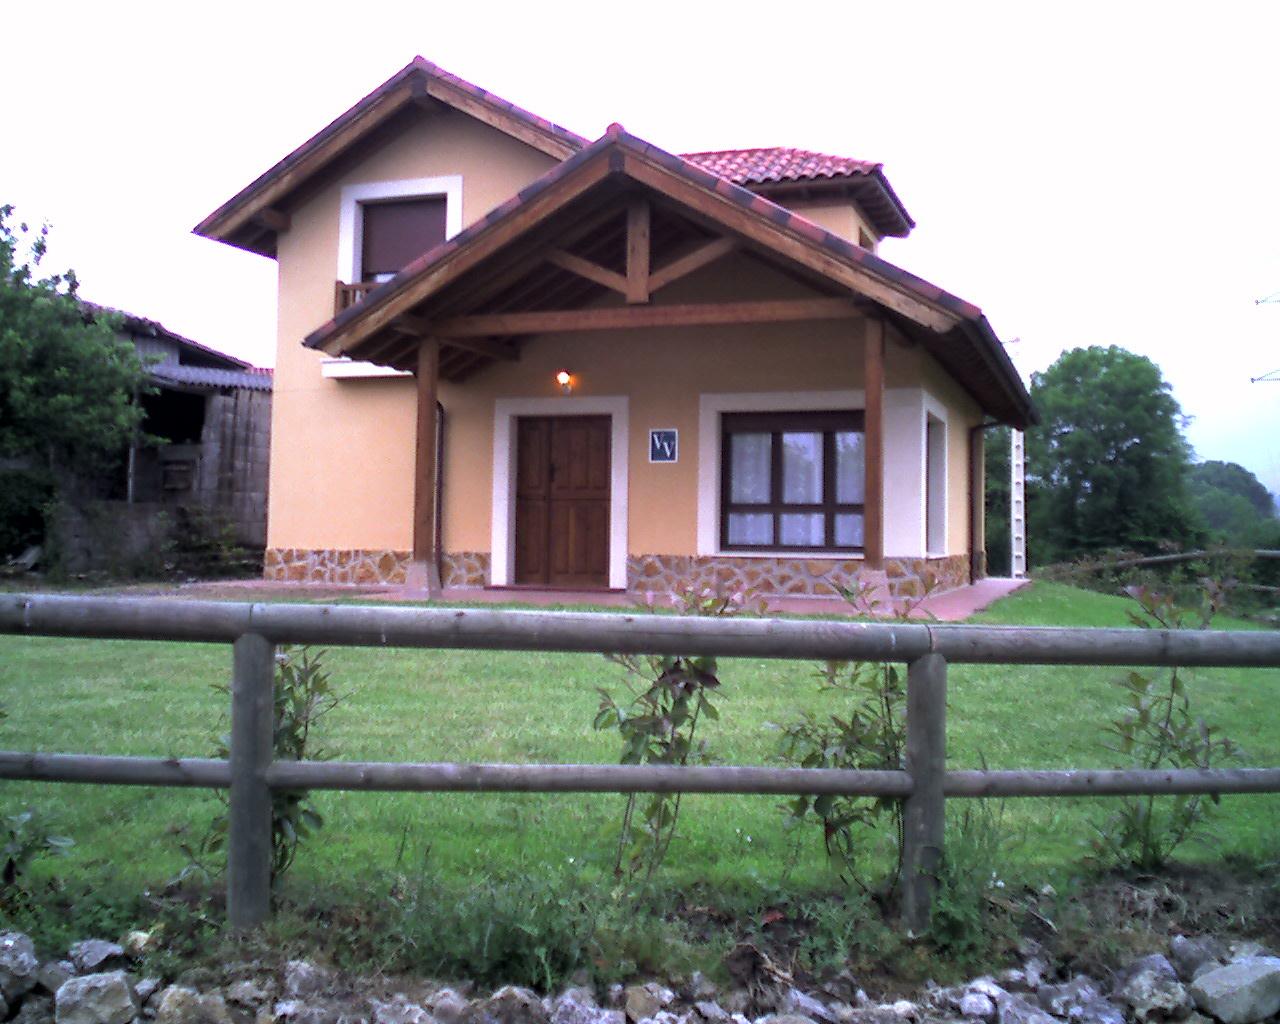 Turismo rural en parres asturias - Casas vacaciones asturias ...